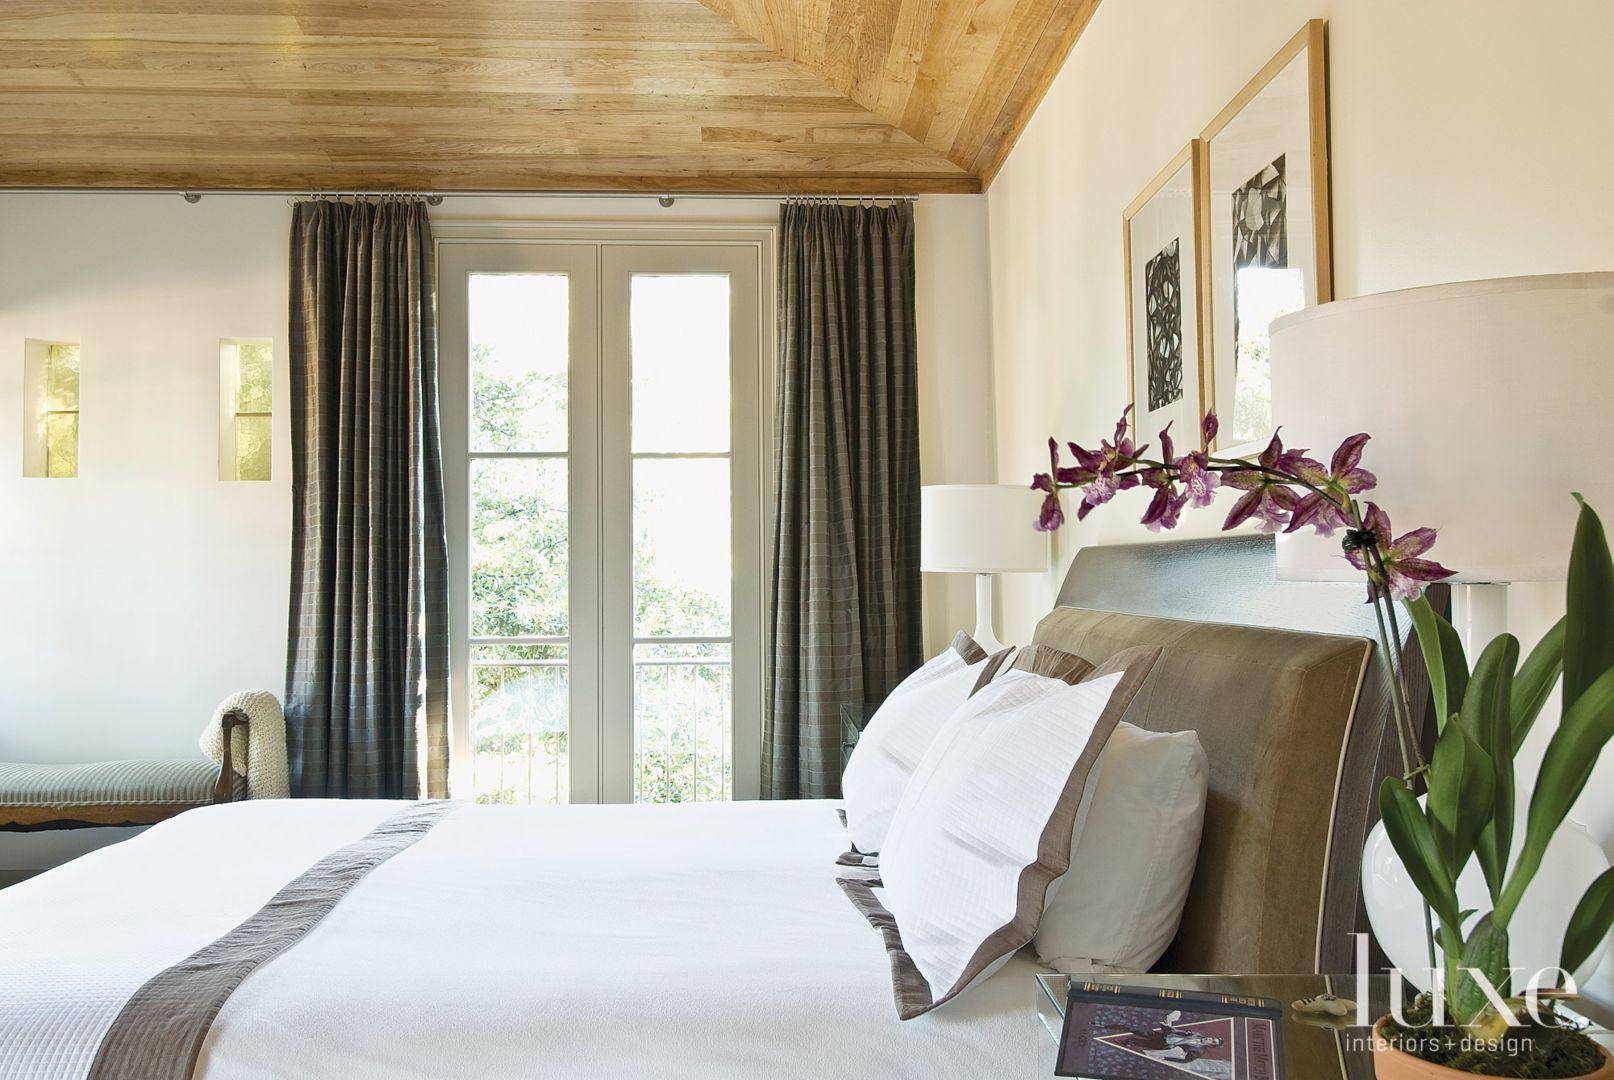 1_d7b607c1-6ddd-464a-a415-d61081a7950d & Modified Limestone Georgian-Style Estate | Morits London